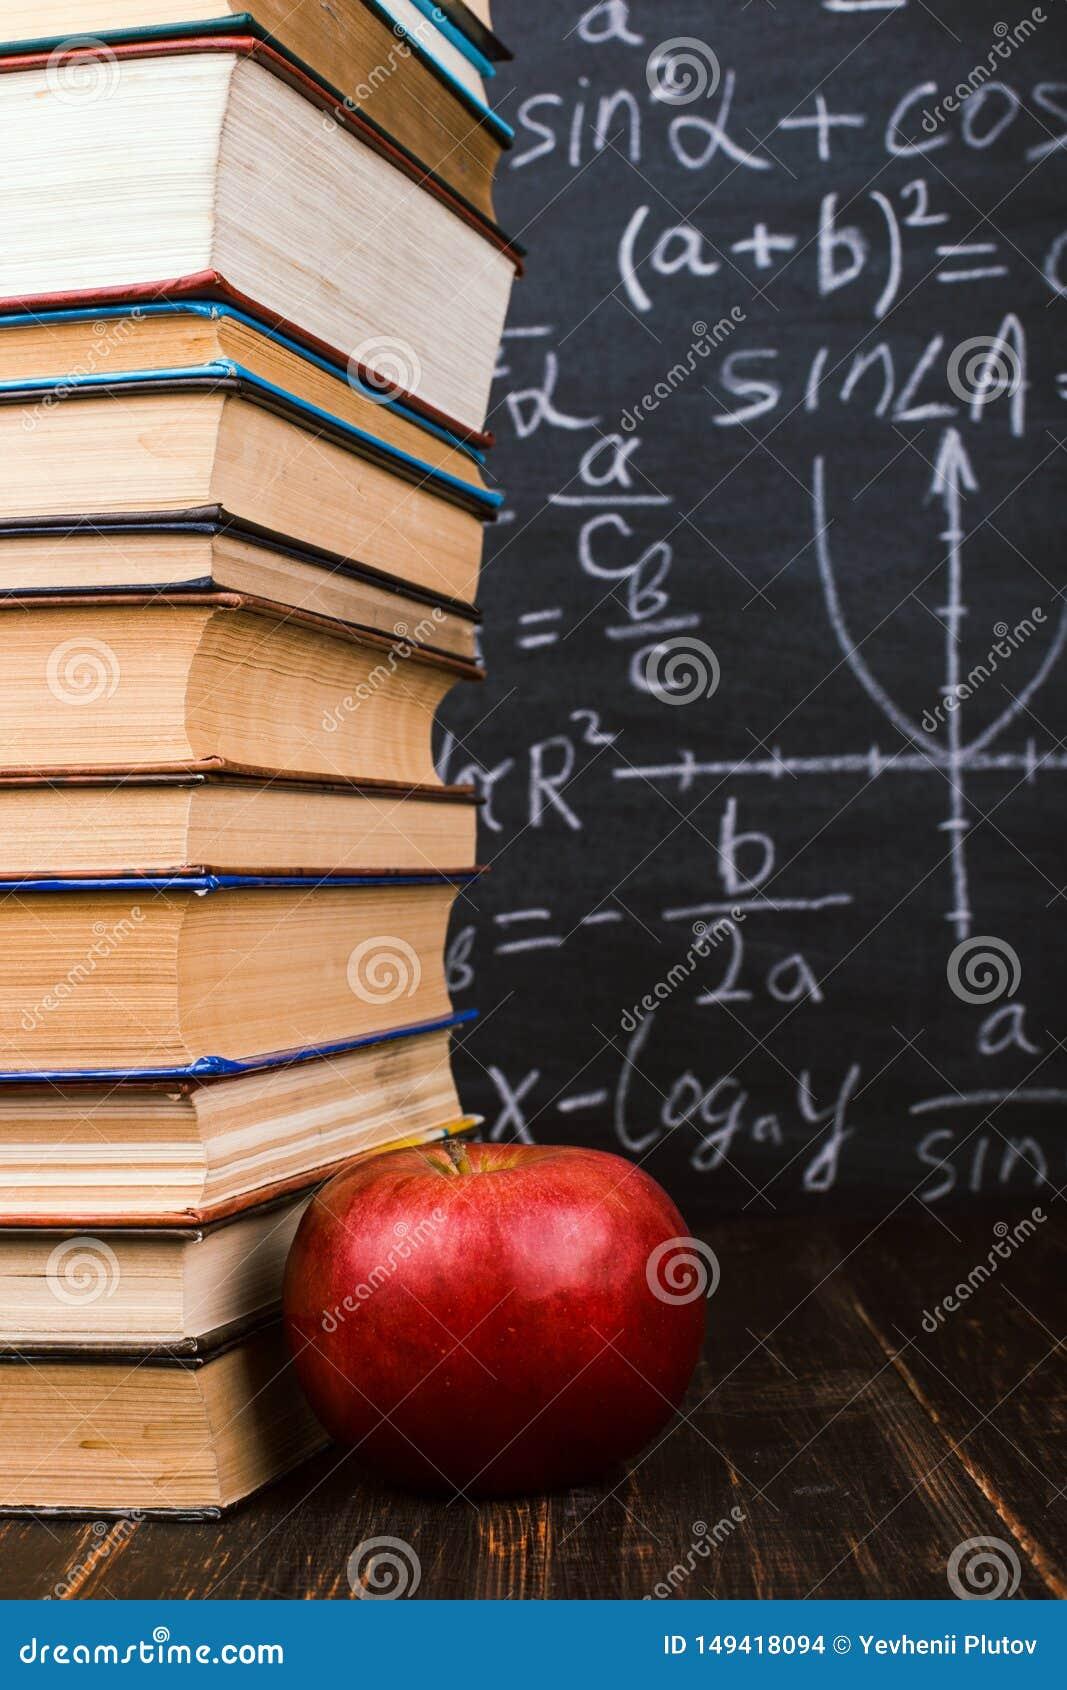 Книги и яблоко на деревянном столе, на фоне доски с формулами Teacher' концепция дня s и назад к